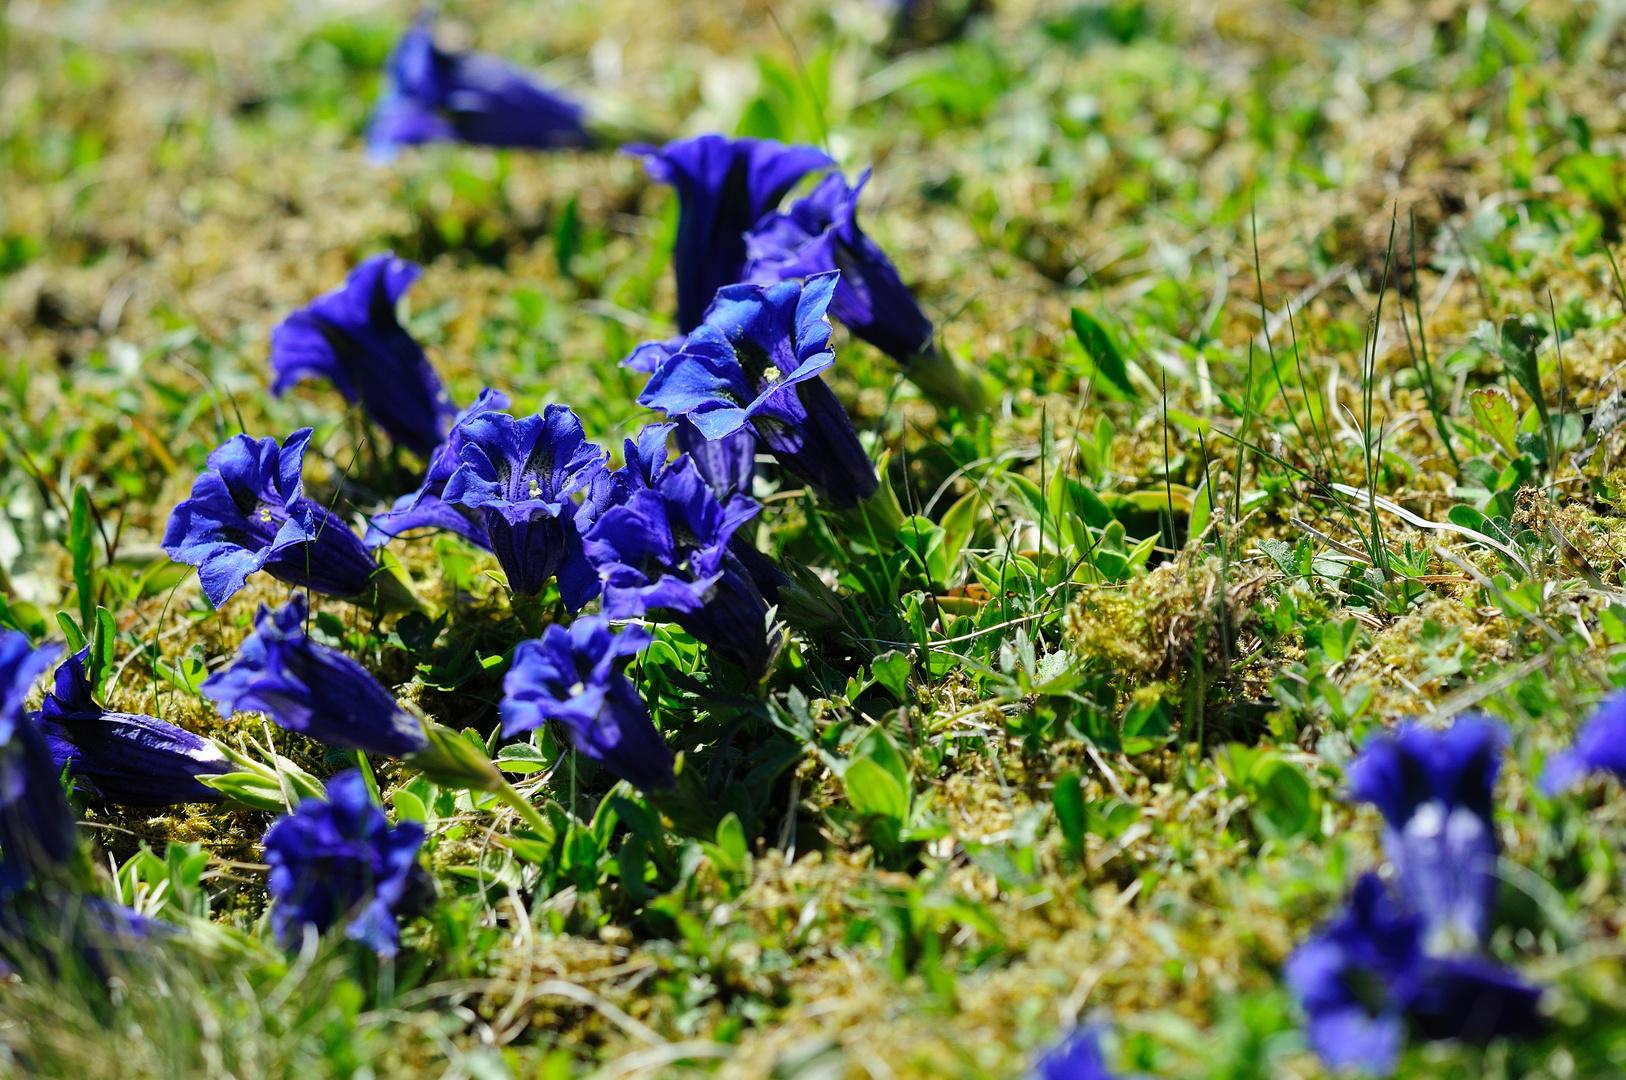 den so blau, blau, blau blüht der Enzian......